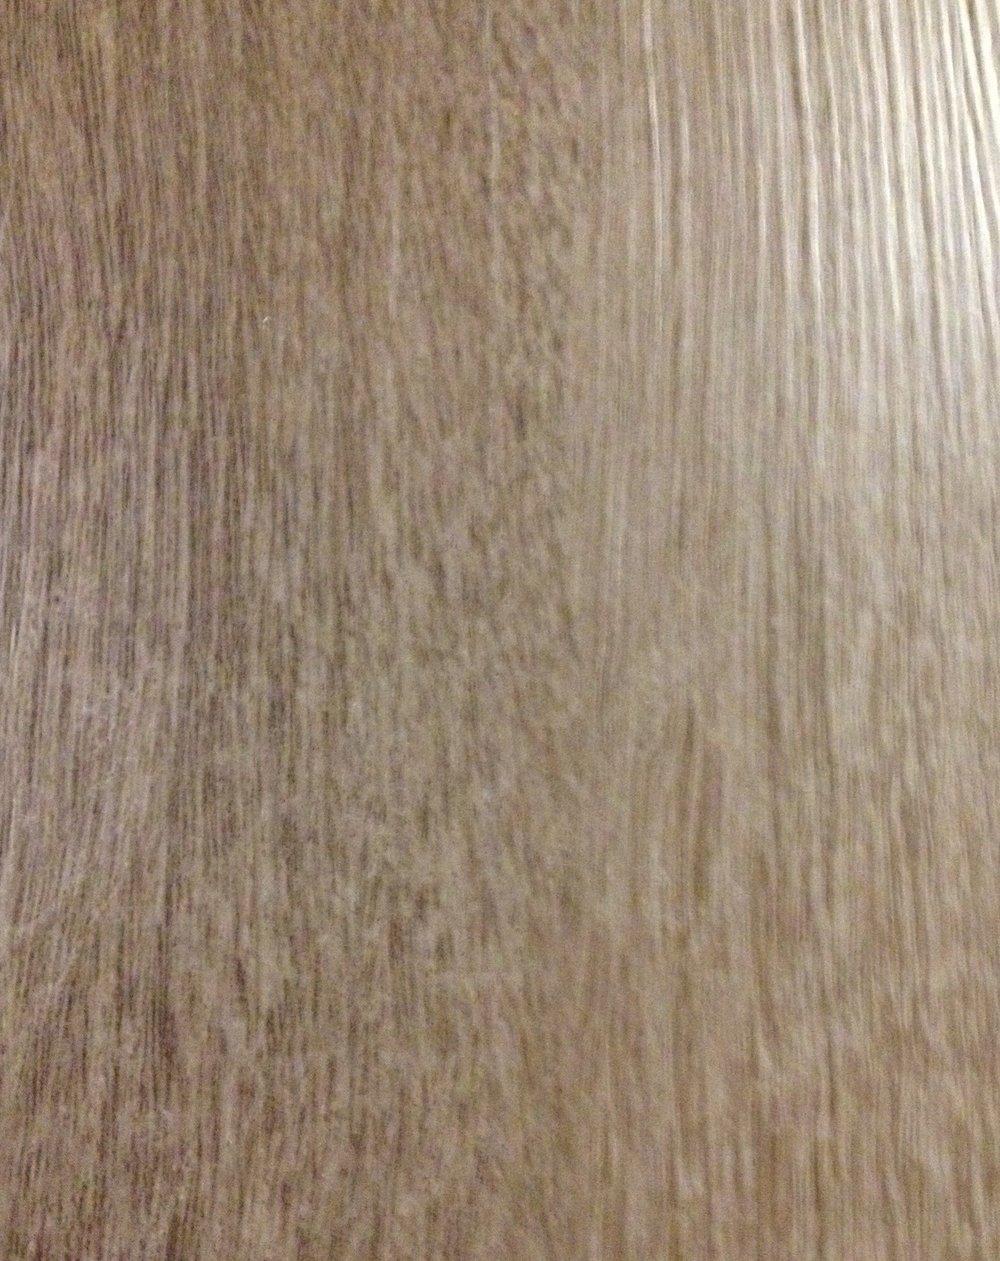 Mohawk-Driftwood-B